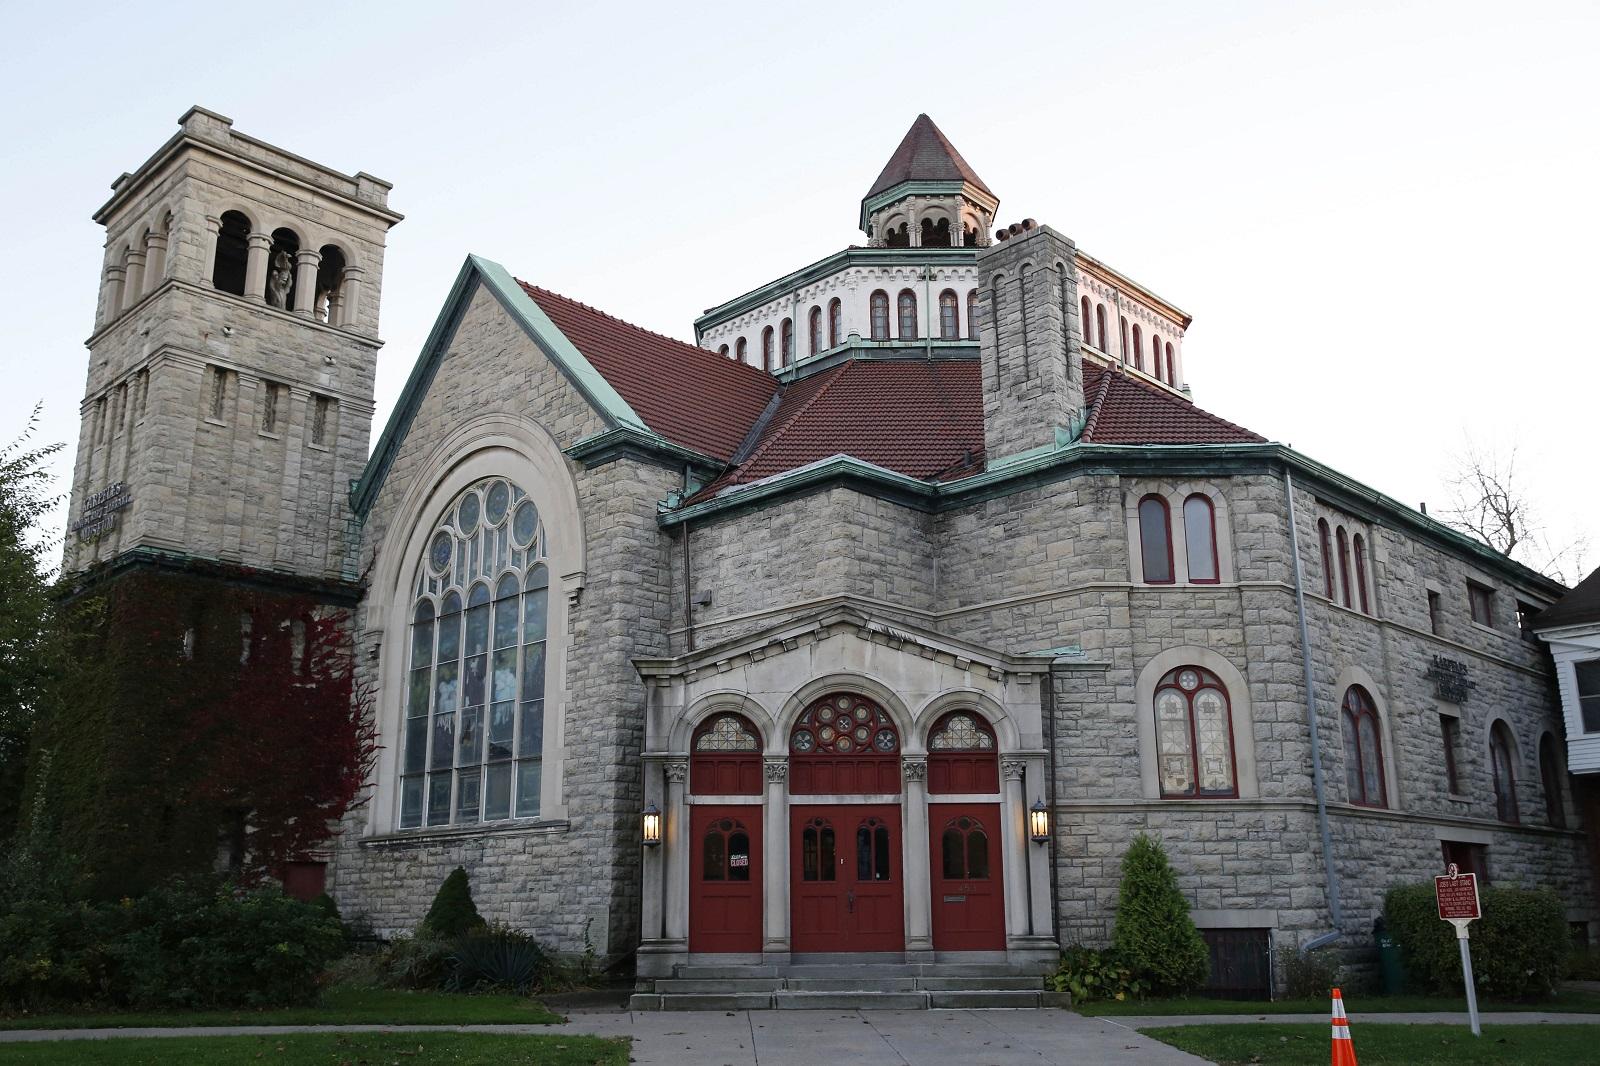 100-Plus Things: Porter Hall, Buffalo's original Karpeles Museum